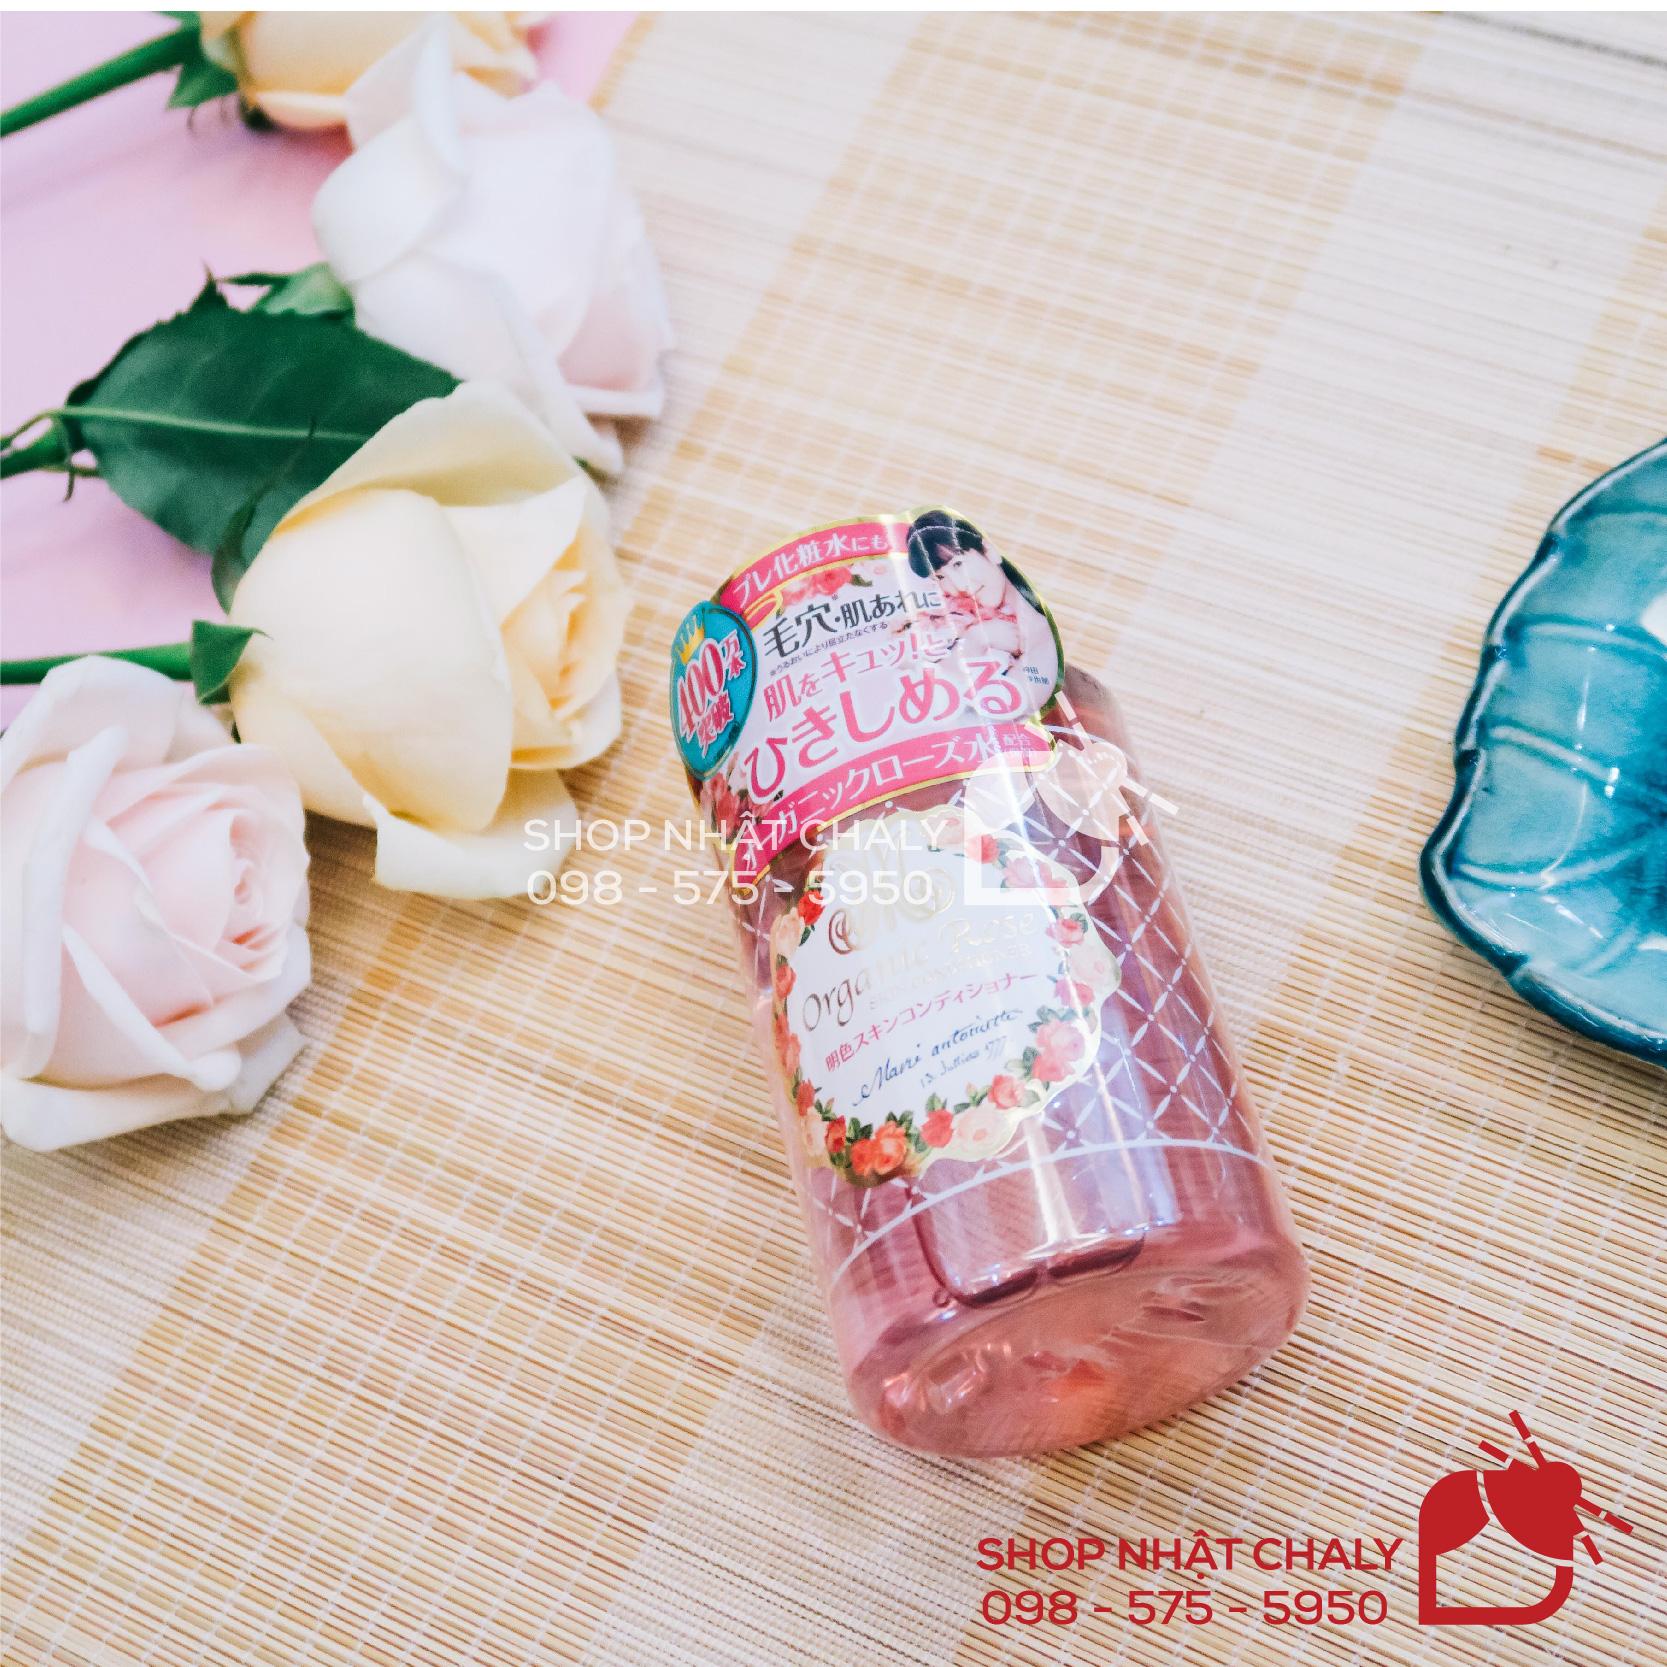 Nước hoa hồng Organic Rose sở hữu tới hơn 4500 review khen ngợi trên Cosme Japan, là dòng toner đỉnh nhất của hãng Meisoku Nhật Bản